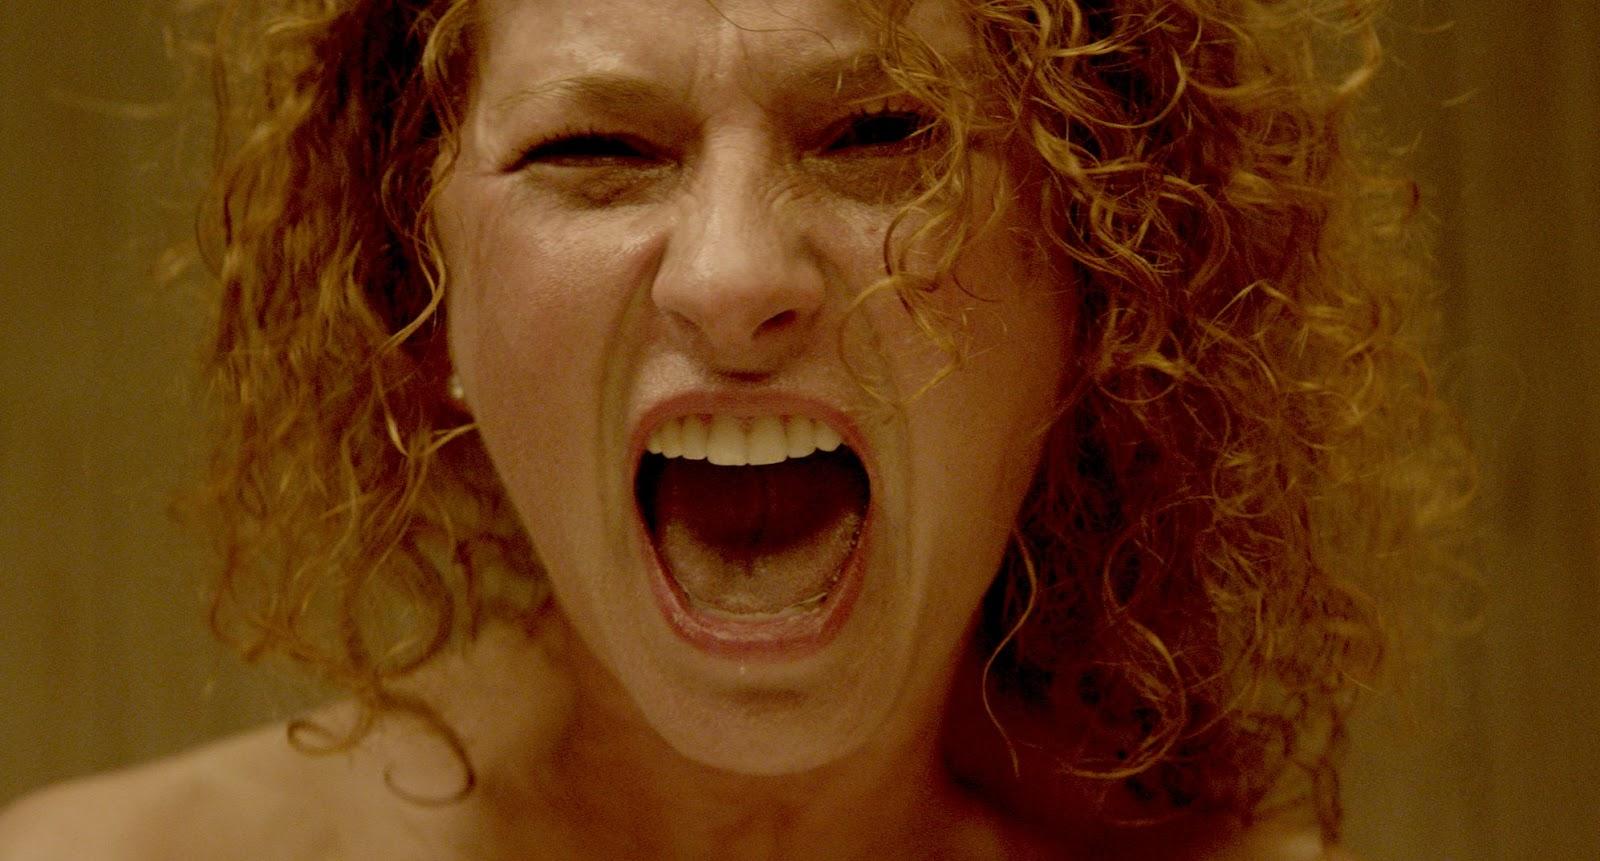 Od krzyku do krzyku – recenzja filmu <i>Atak paniki</i>